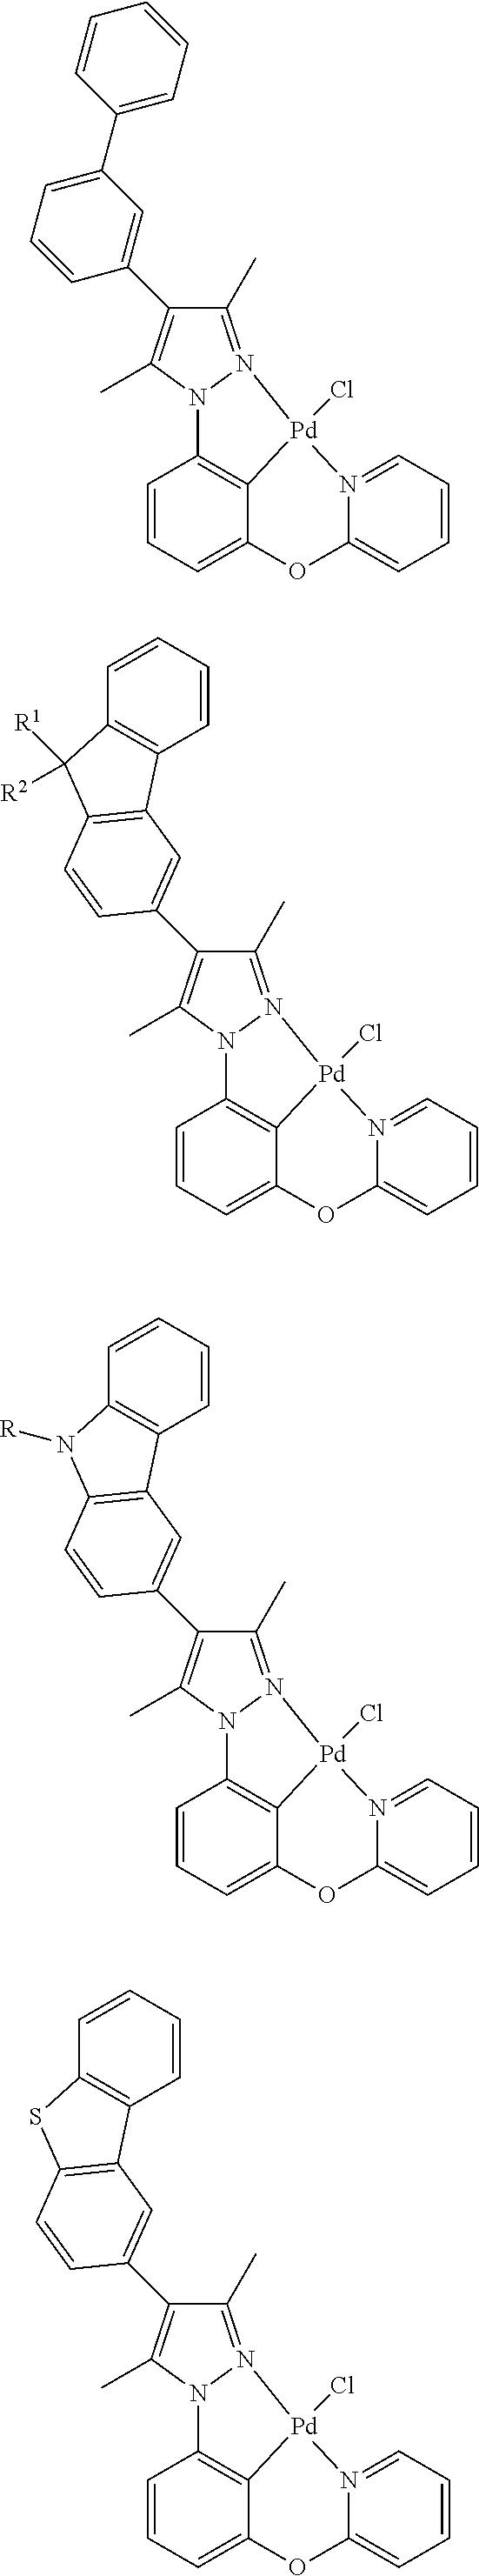 Figure US09818959-20171114-C00178